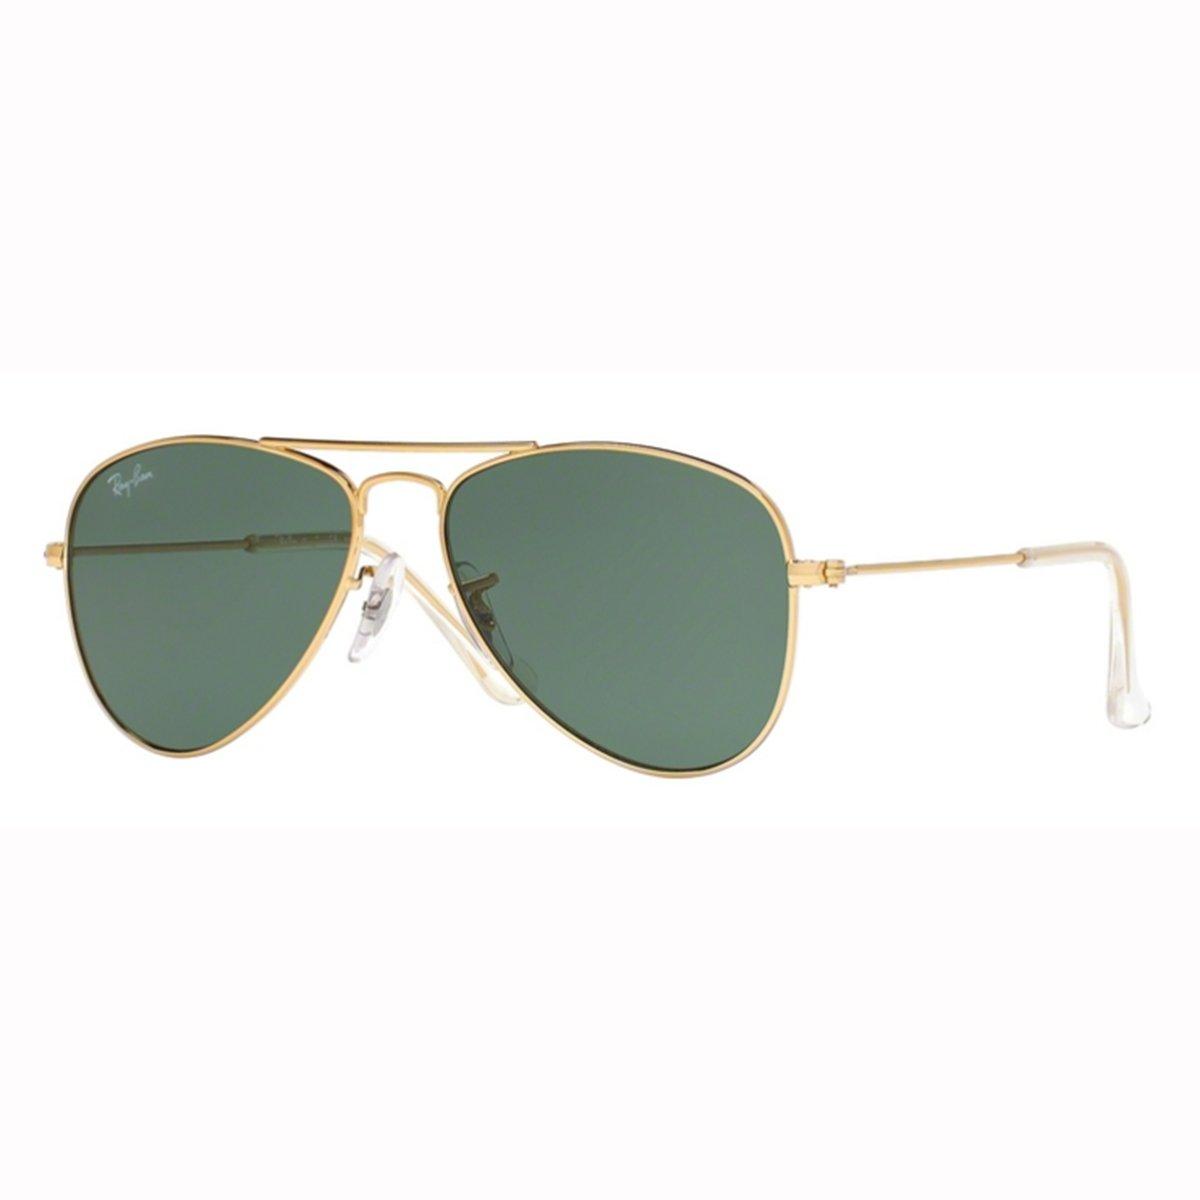 df3f176486 Óculos de Sol Infantil Ray Ban Aviador | Tri-Jóia Shop